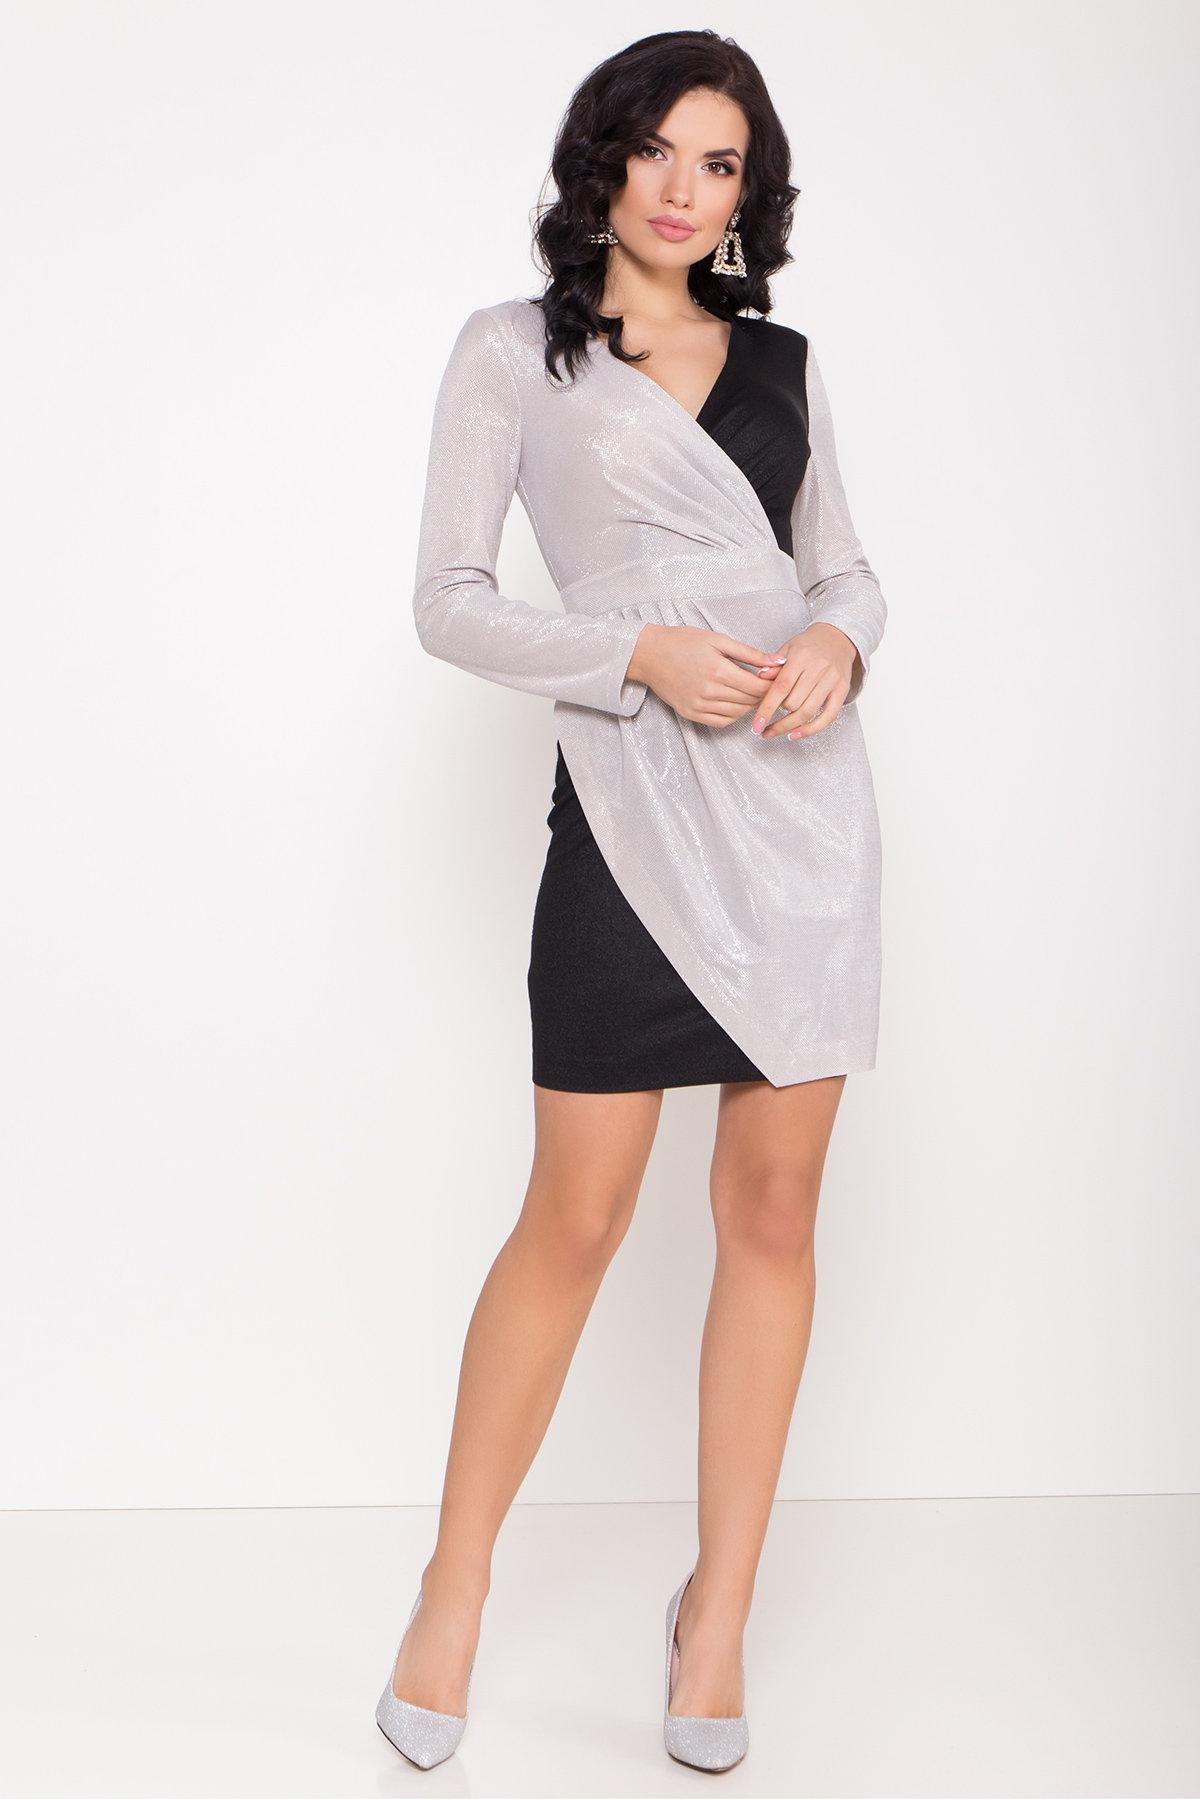 Контрастное двухцветное платье Блеск 8670 АРТ. 44988 Цвет: Серебро/черный - фото 1, интернет магазин tm-modus.ru